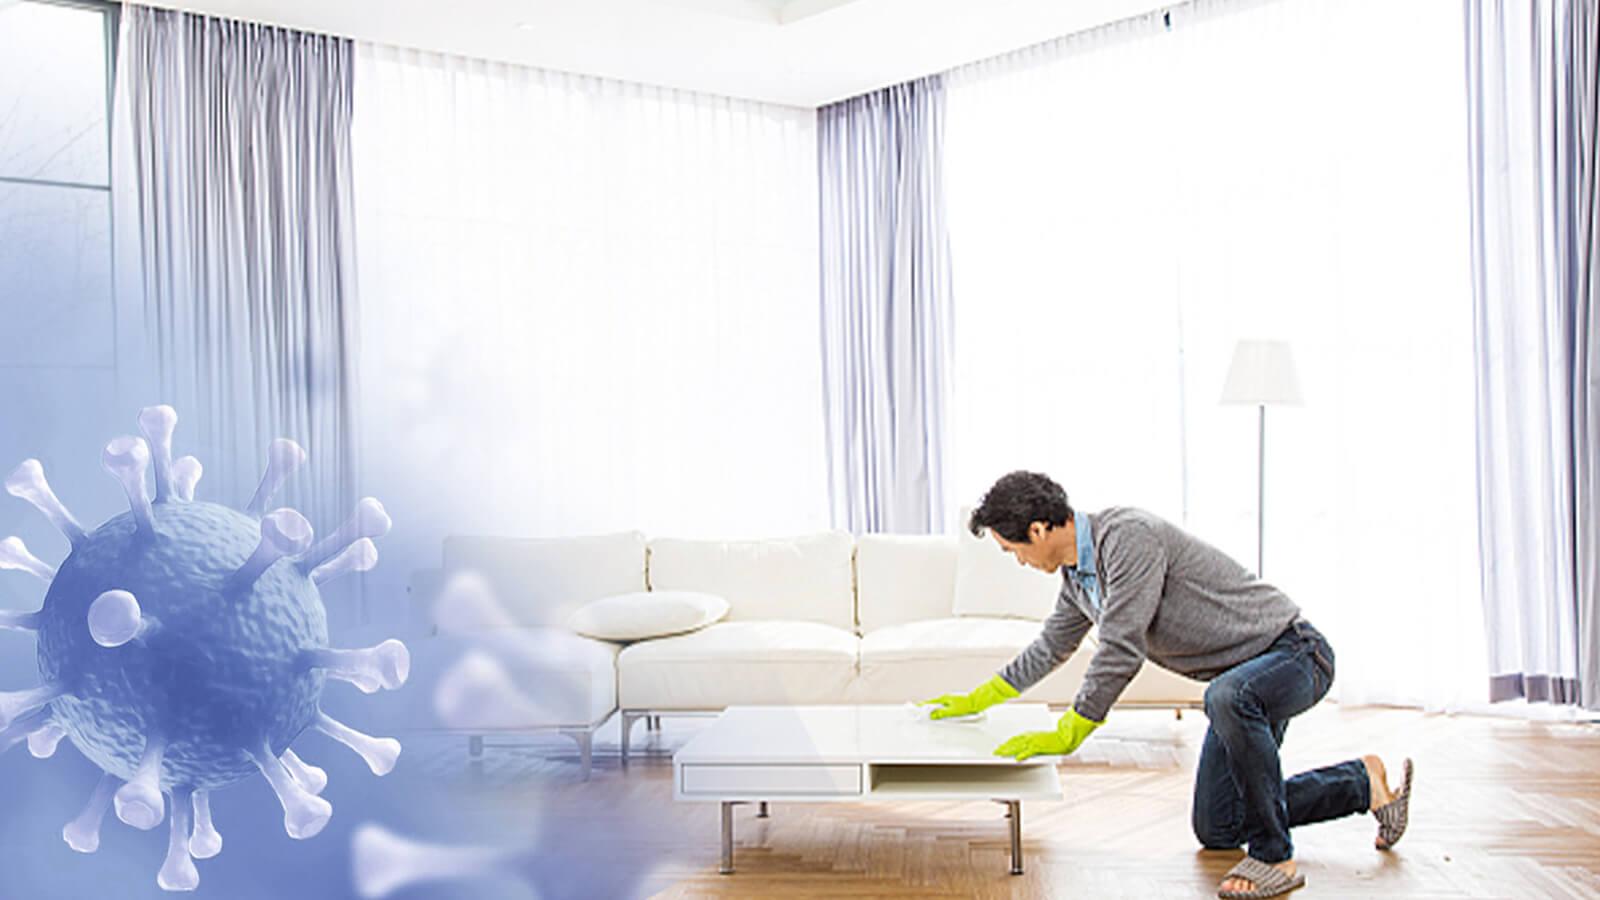 dọn dẹp nhà cửa nhanh chóng